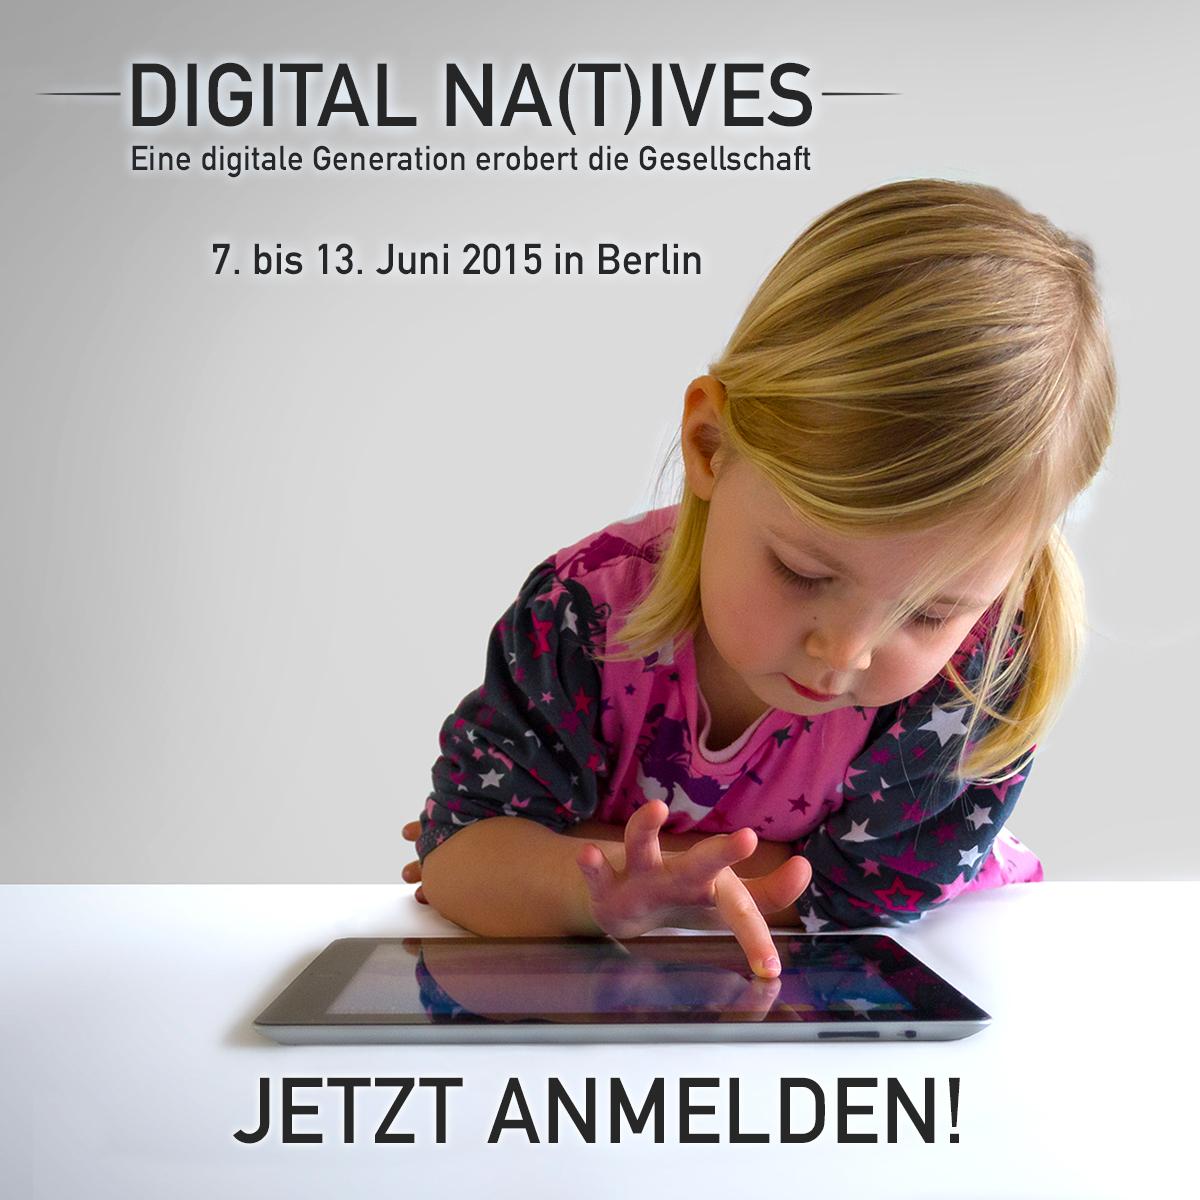 Wie selbstverständlich gehen Kinder heute mit Technologie um. (foto: bpb)